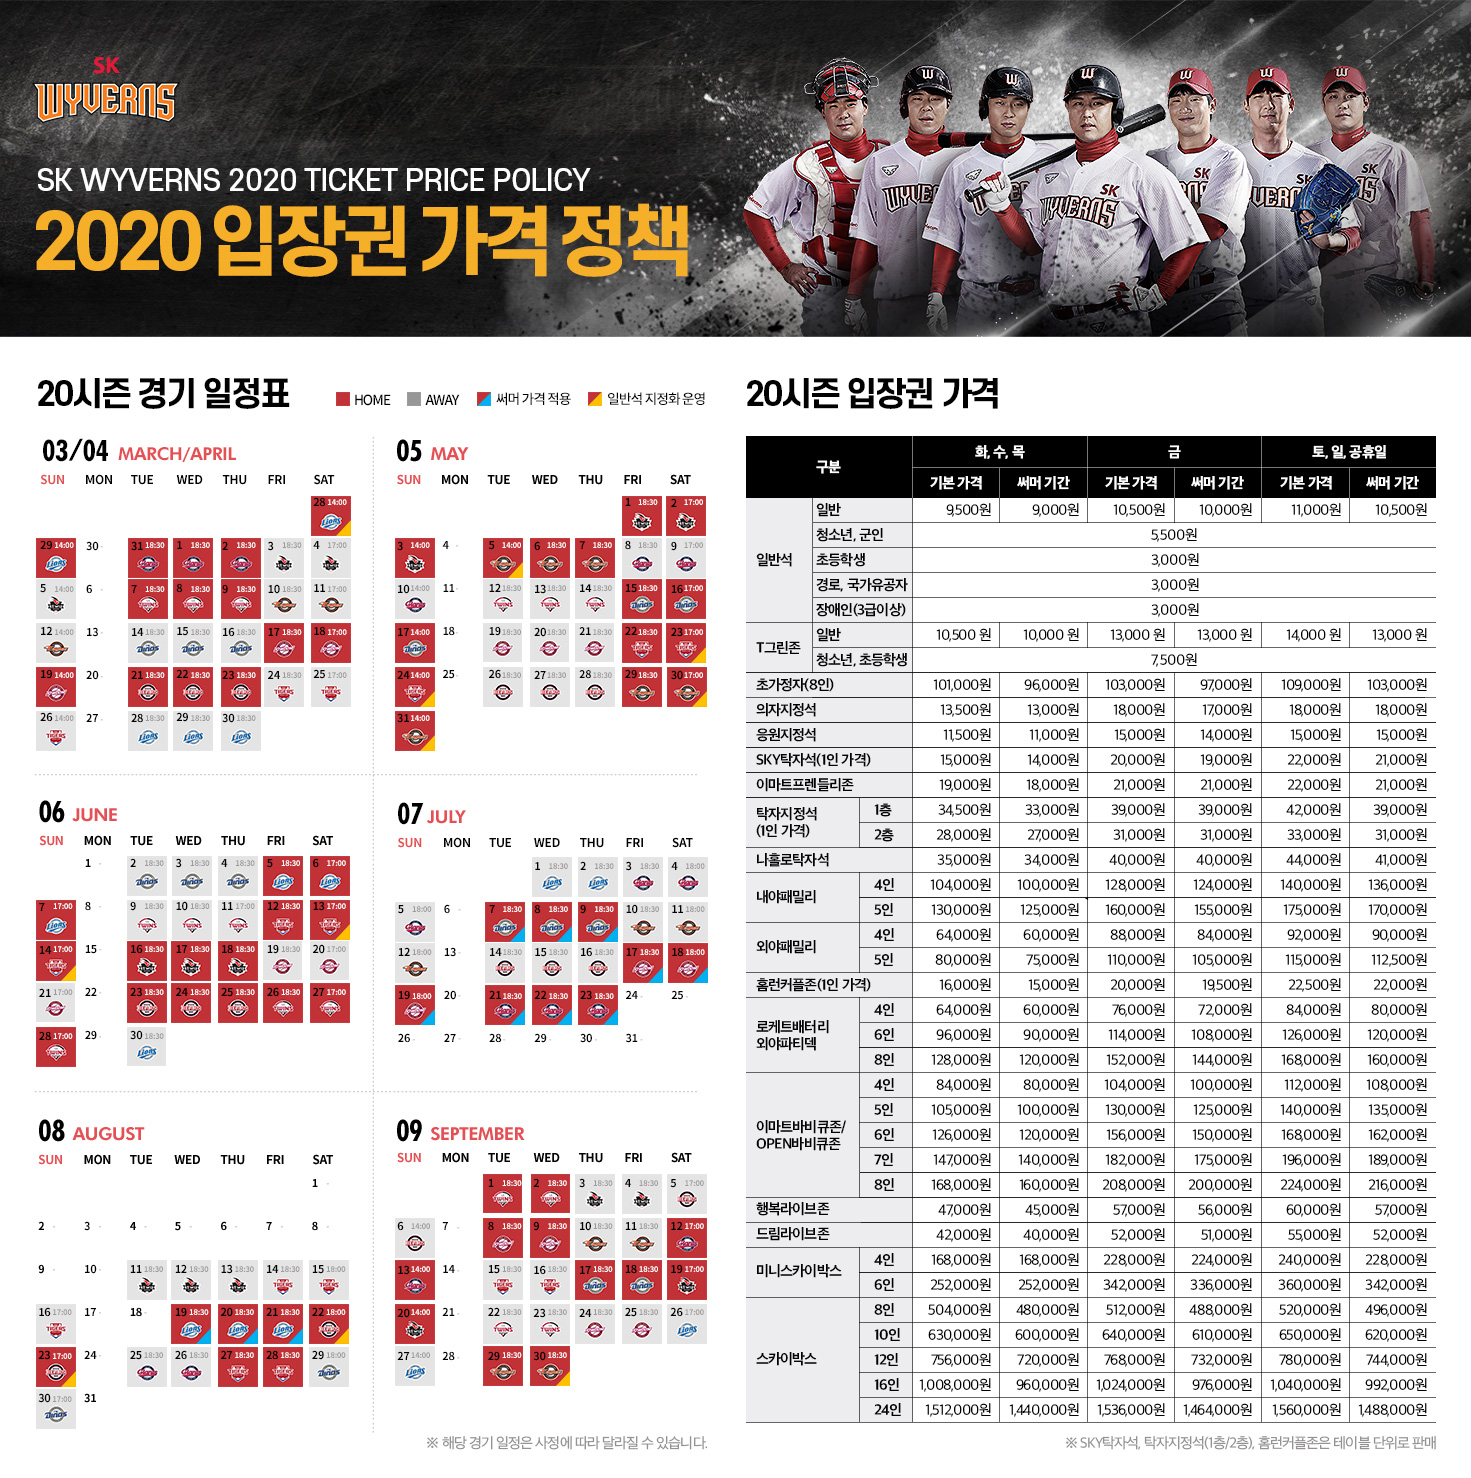 SK, 2020시즌 홈경기 입장권 가격 확정.jpg